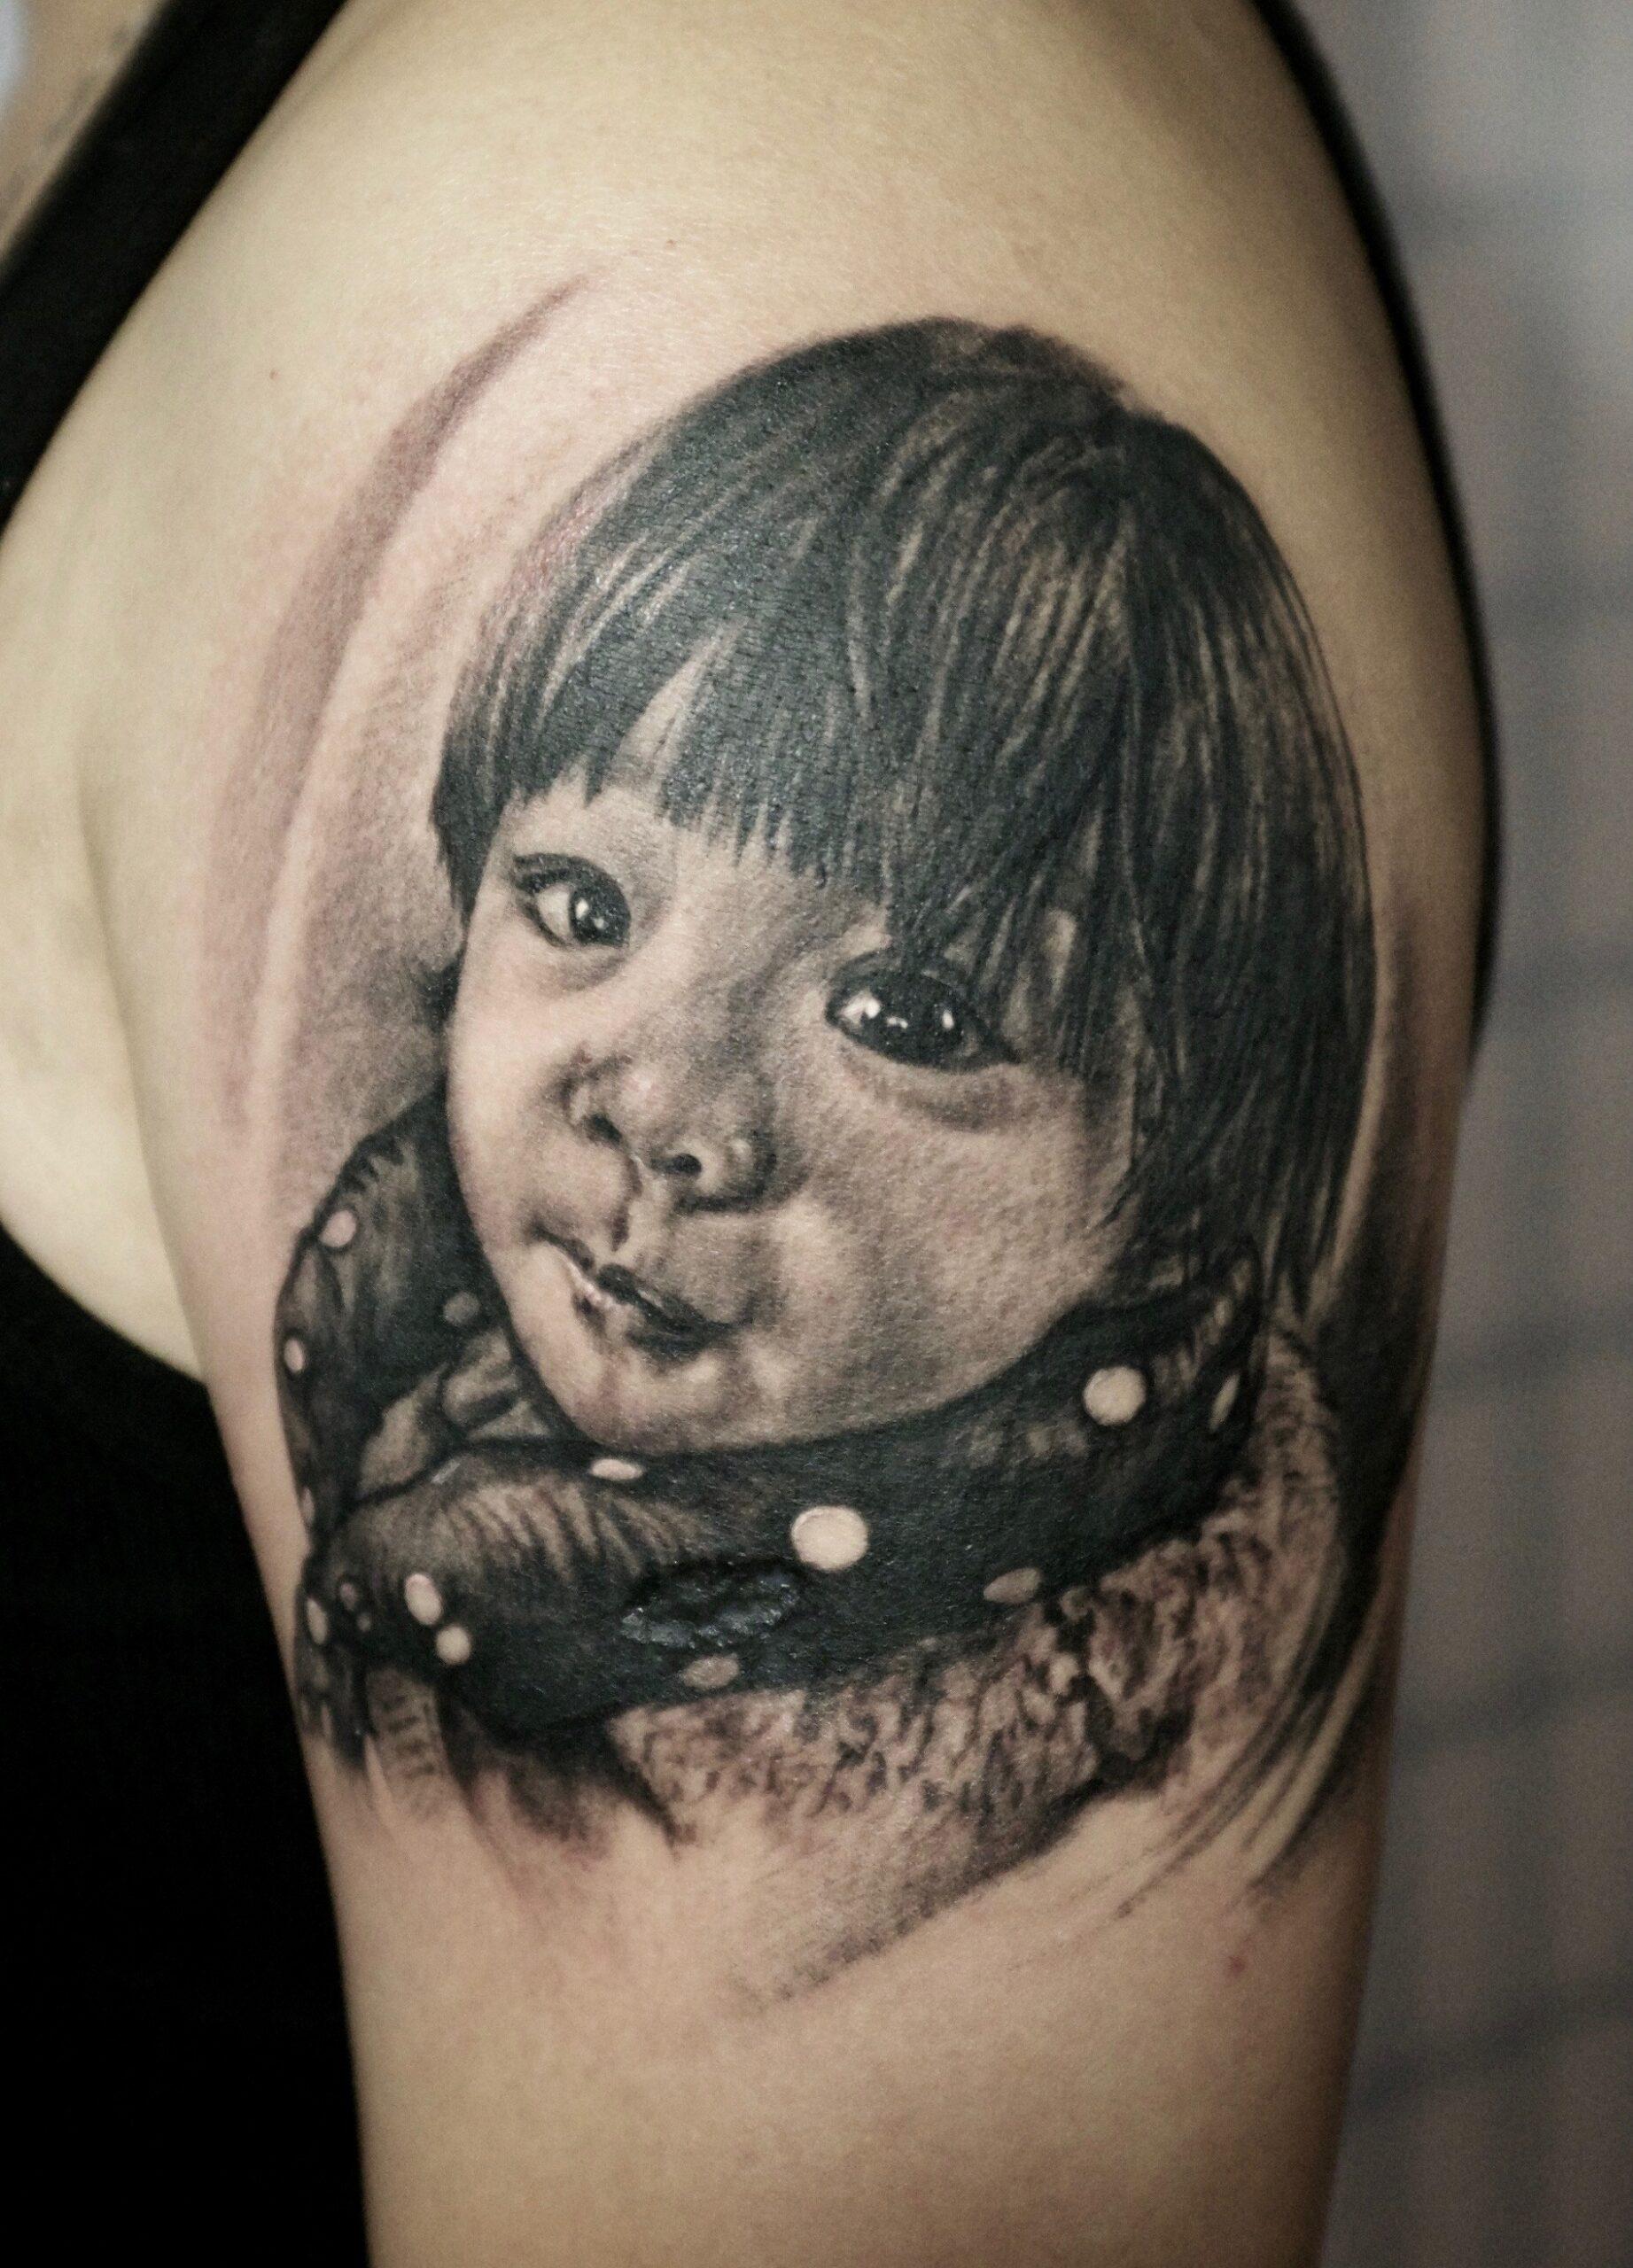 zhuo dan ting tattoo work kid portrait tattoo 1